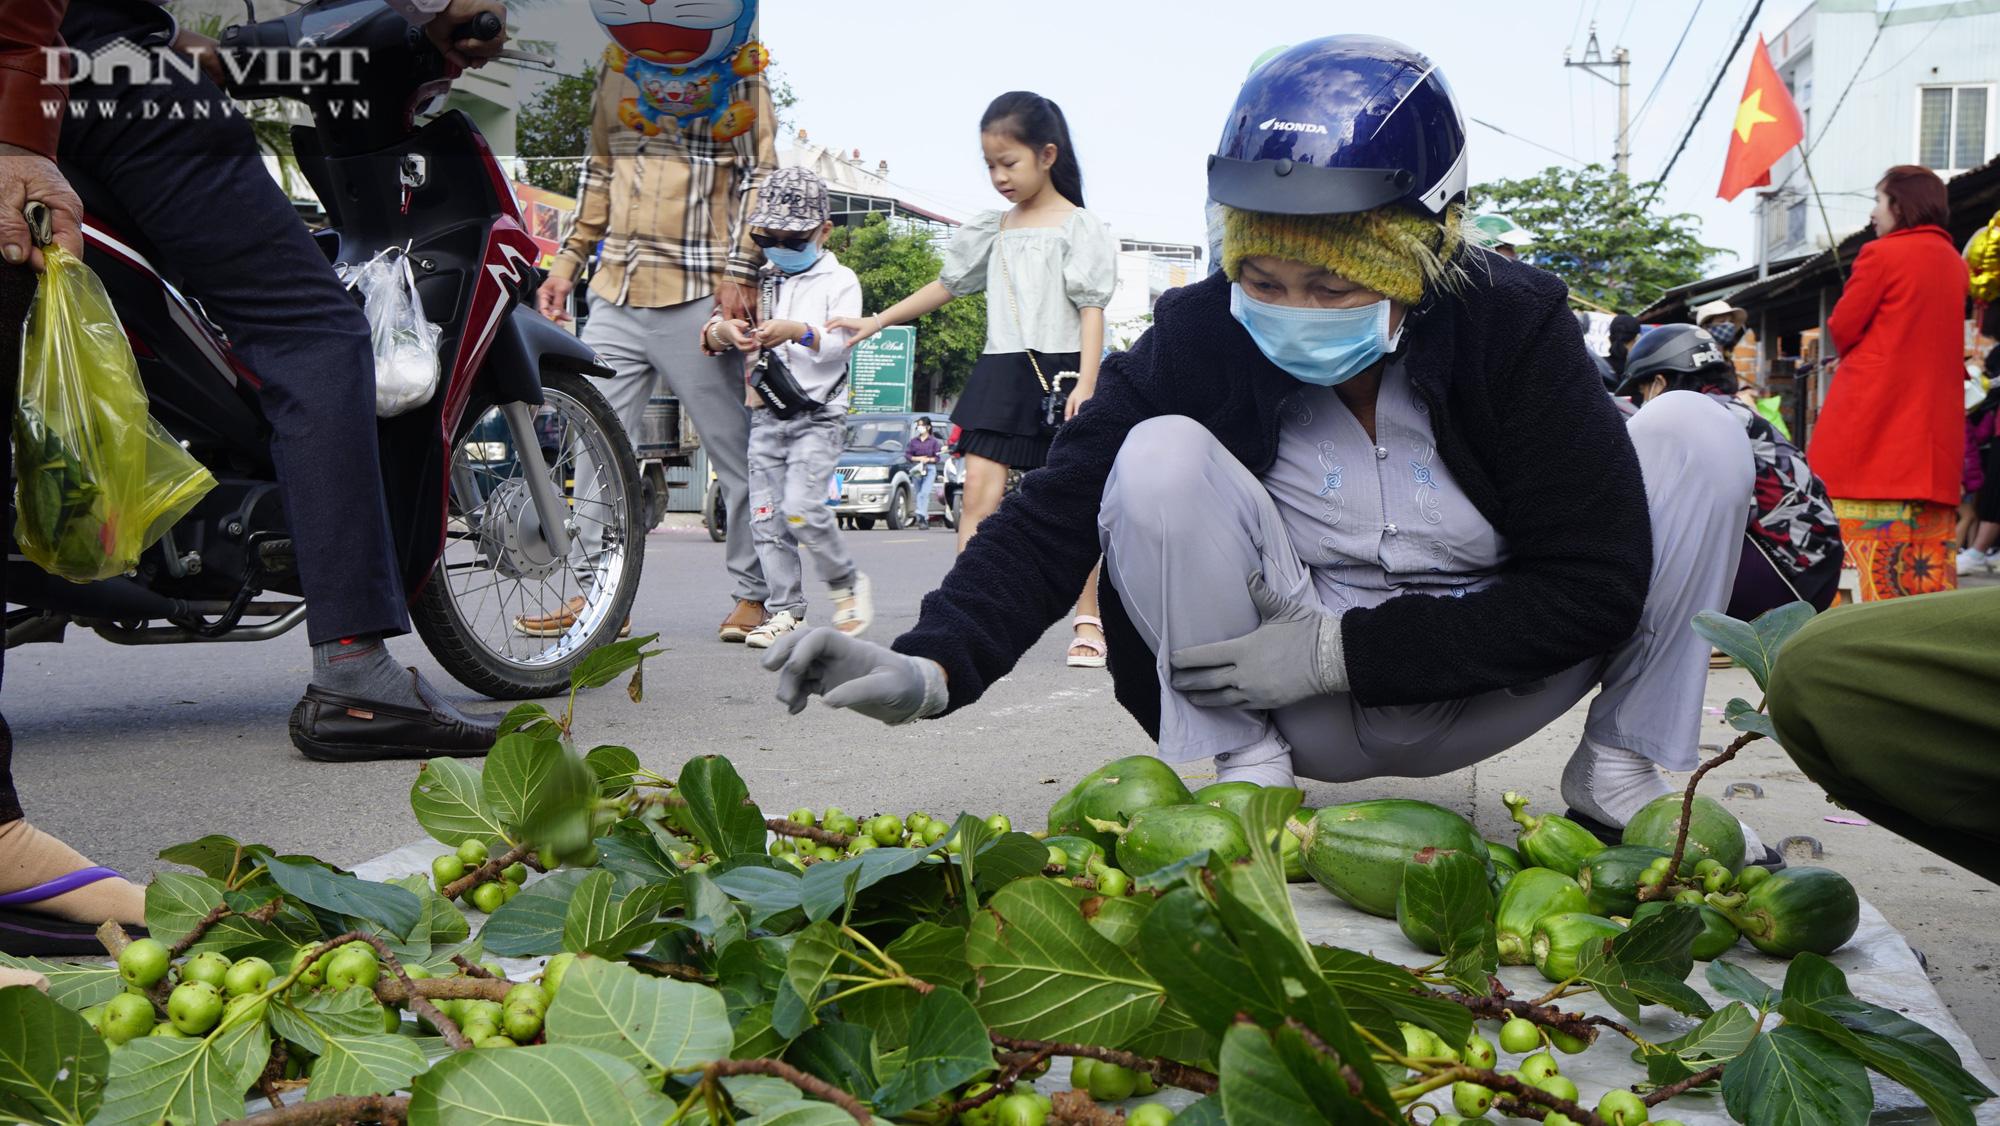 """Phiên chợ """"hiếm thấy"""" ít người biết ở Bình Định, mỗi năm chỉ họp duy nhất 1 lần - Ảnh 1."""